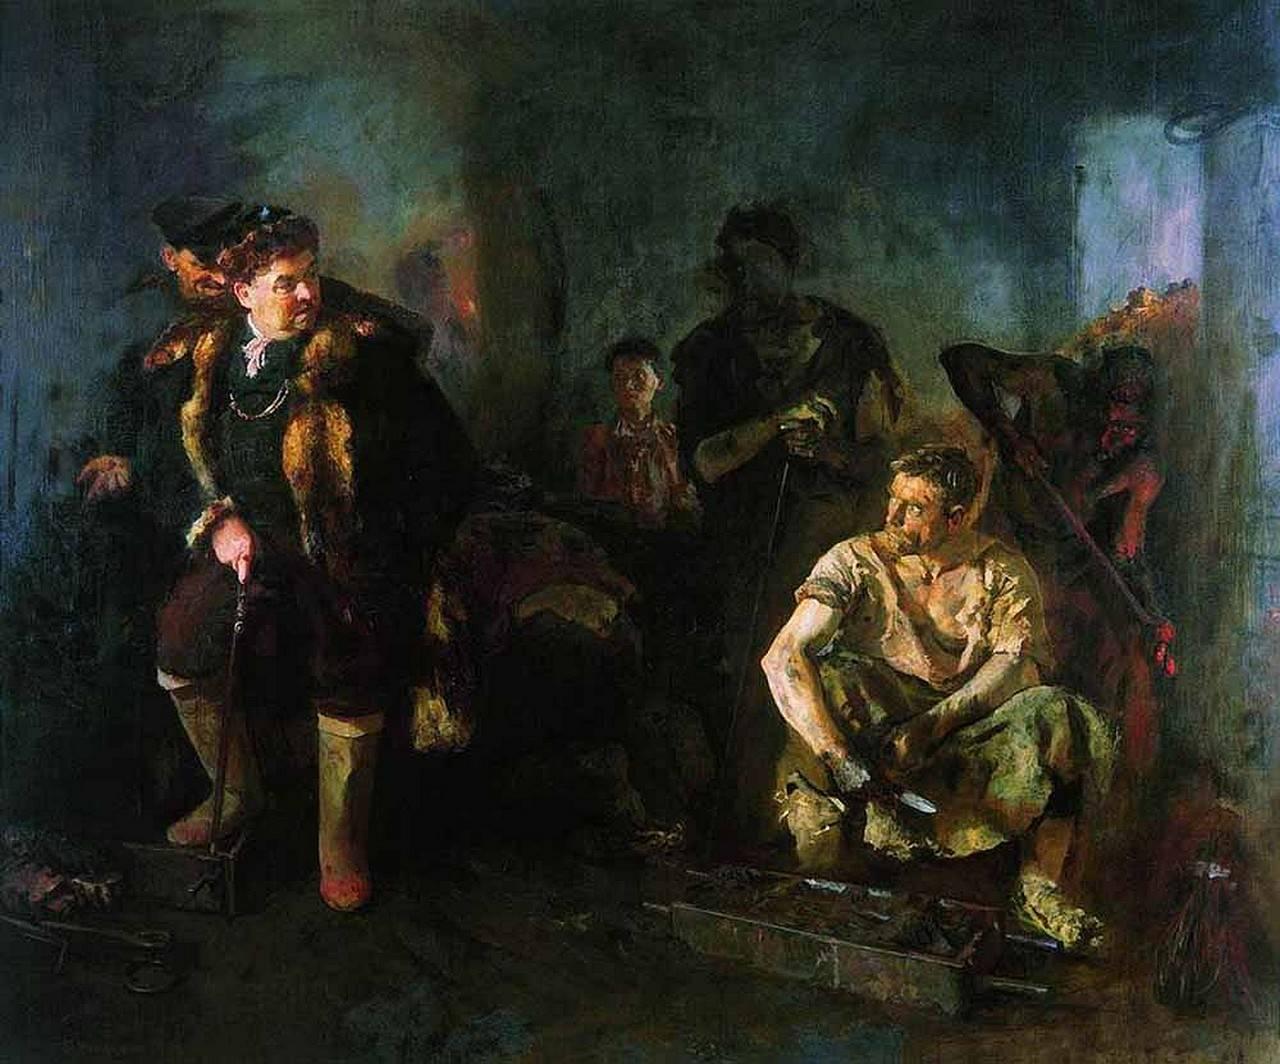 Б. Иогансон. На старом уральском заводе. 1937 г. Государственная Третьяковская галерея, Москва